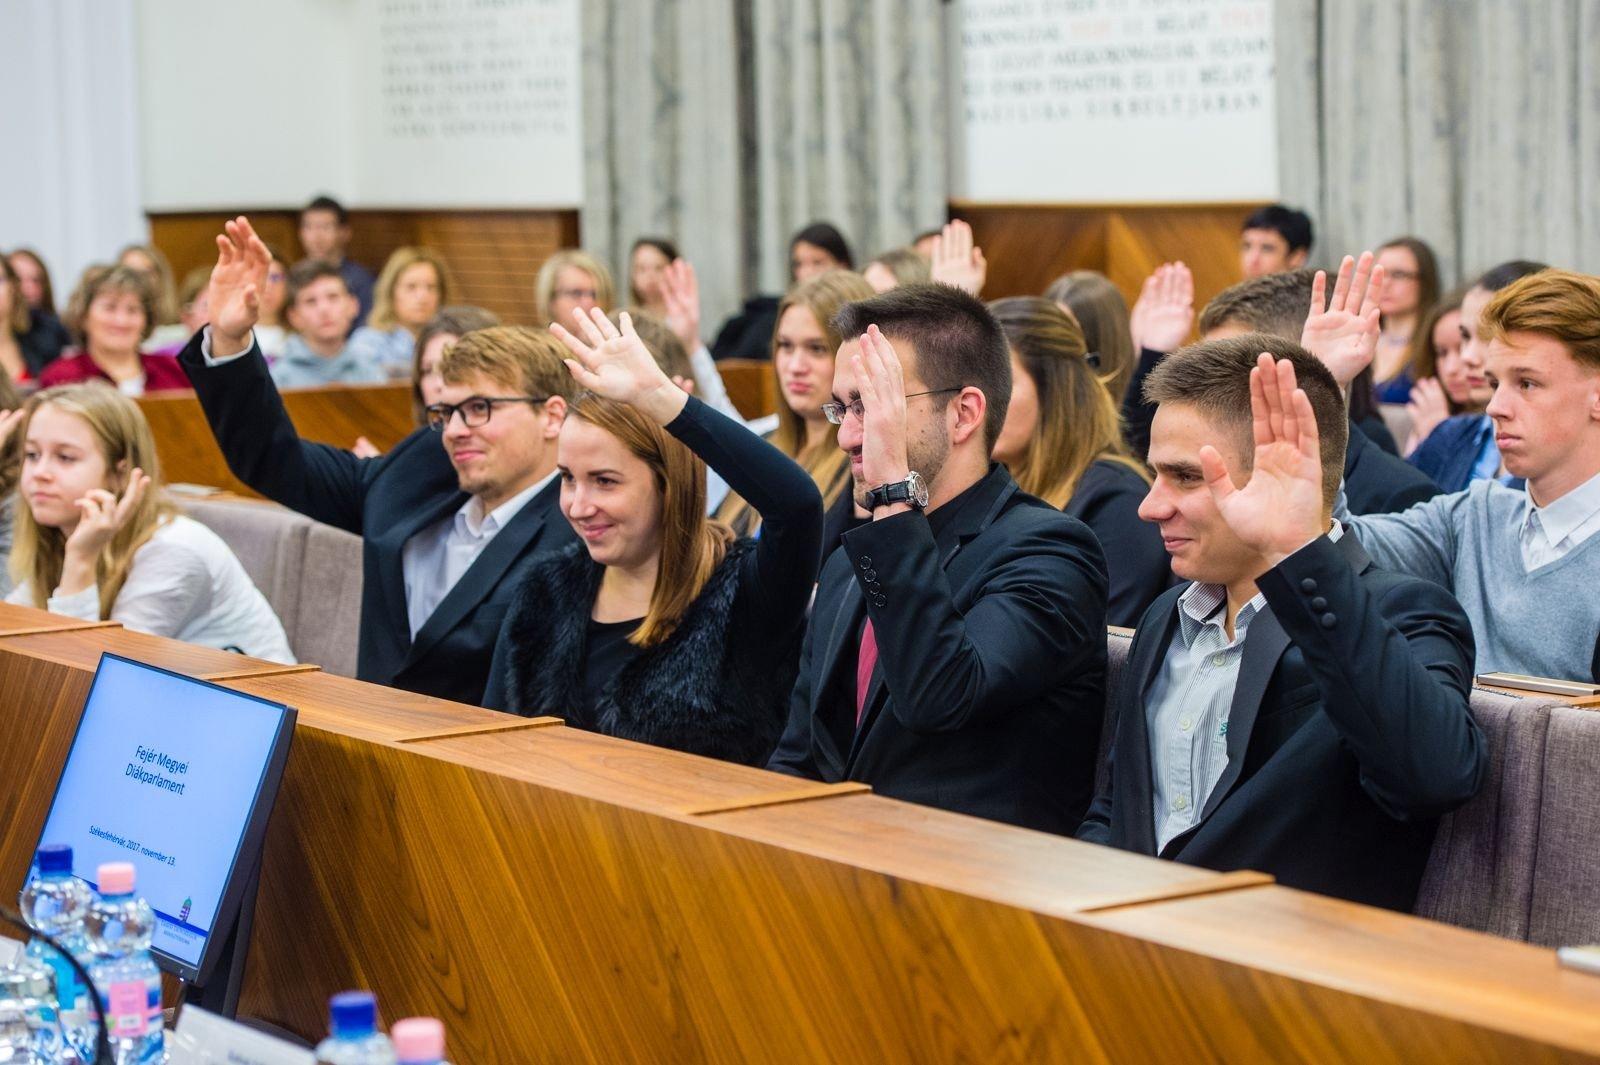 Székesfehérváron ülésezett a Fejér Megyei Diákparlament